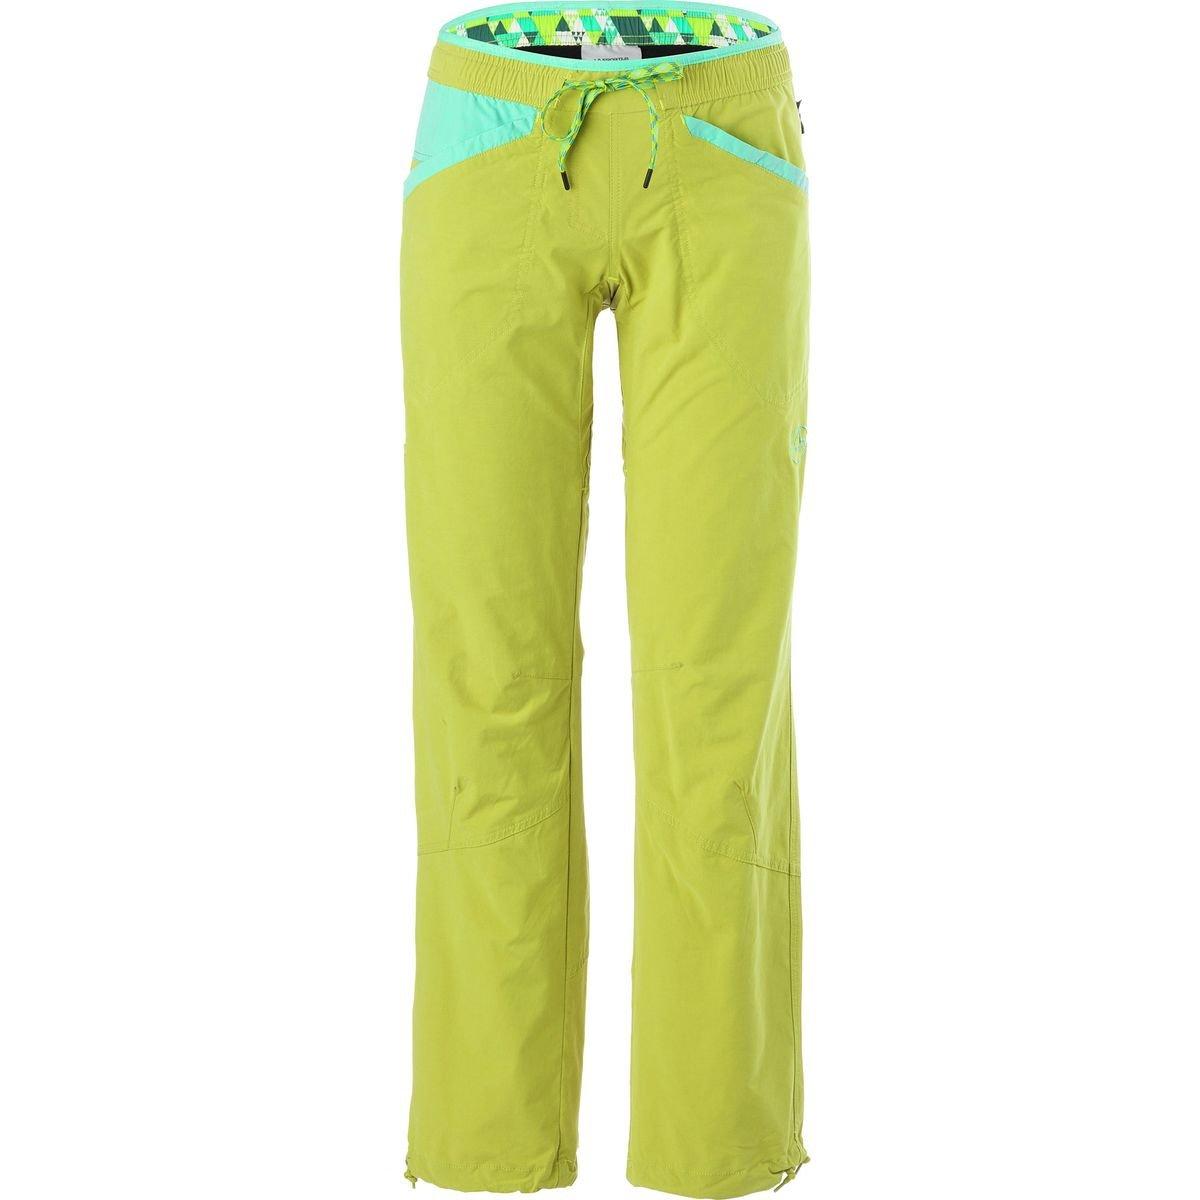 La Sportiva Sharp Pant - Women's Citronelle/Mint, M